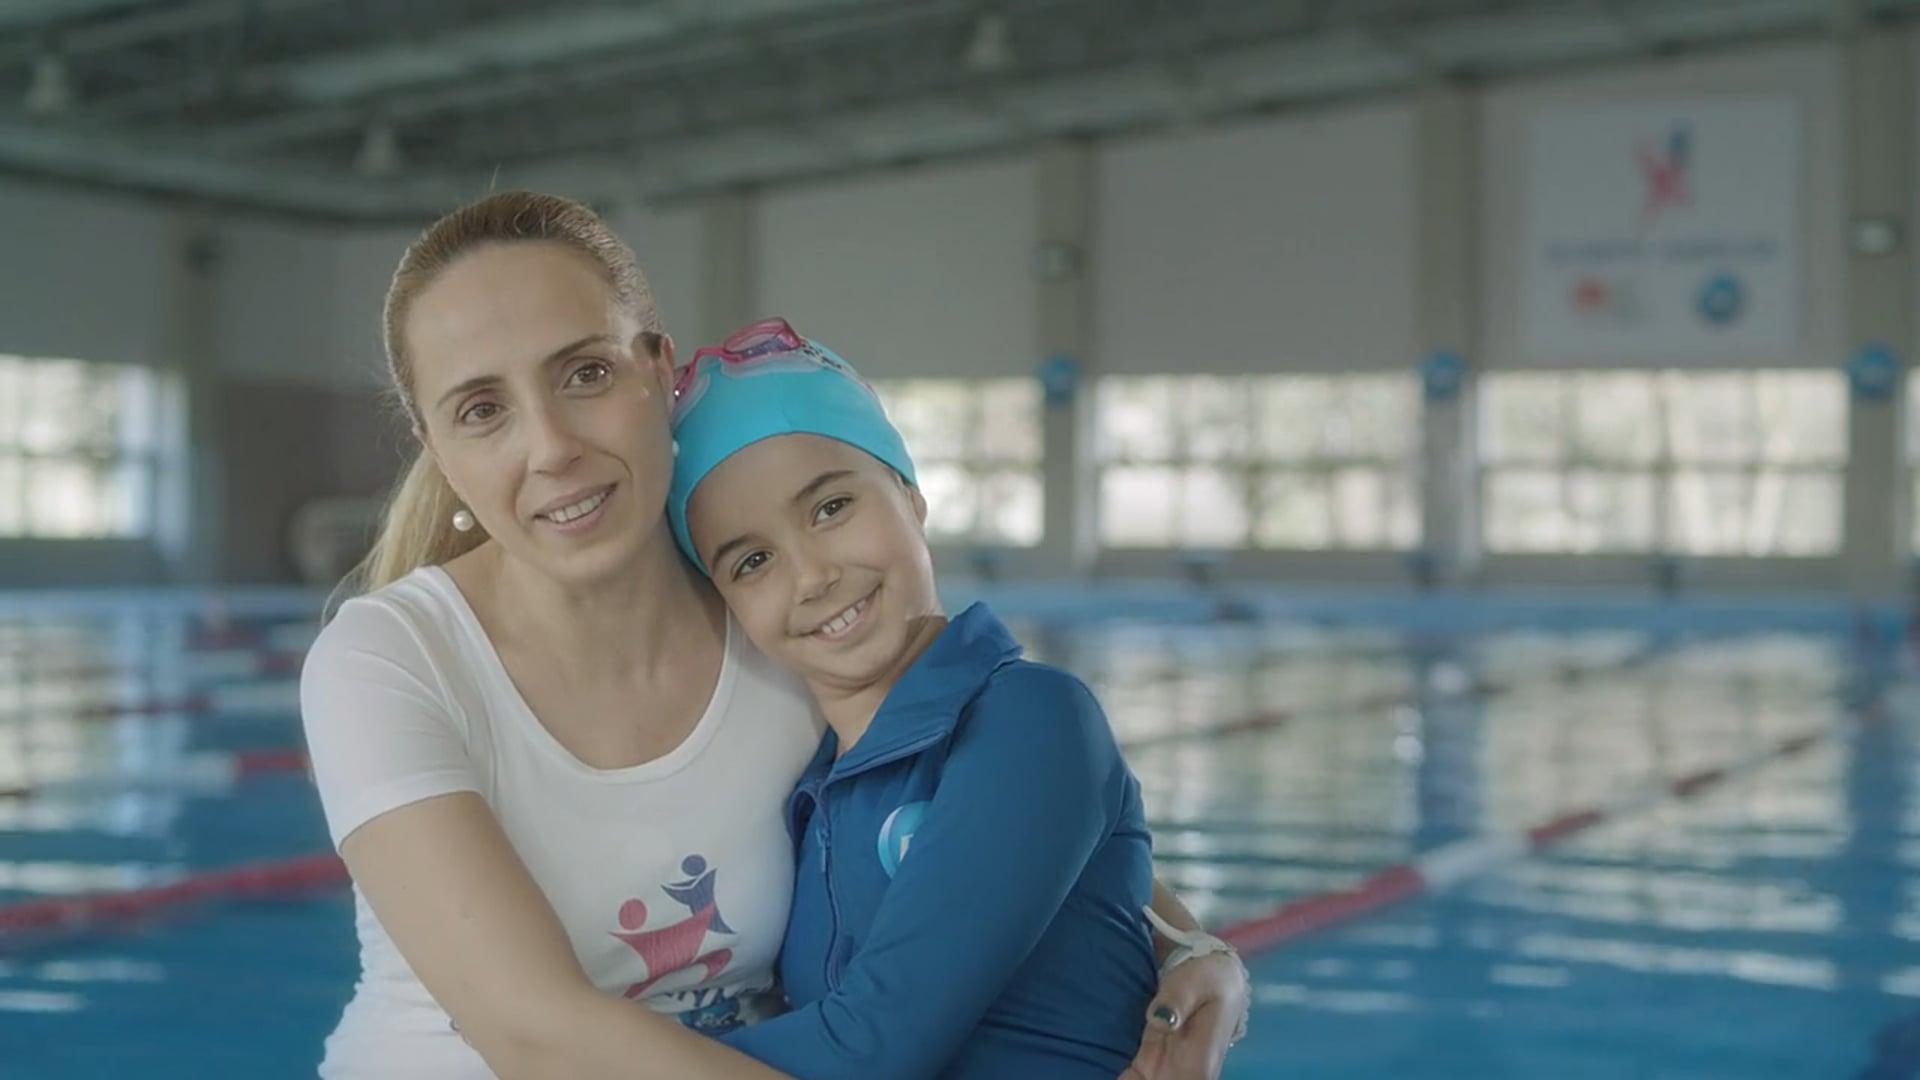 Semih Menda -P&G Olympic Moms - Swimming (Director's Cut)